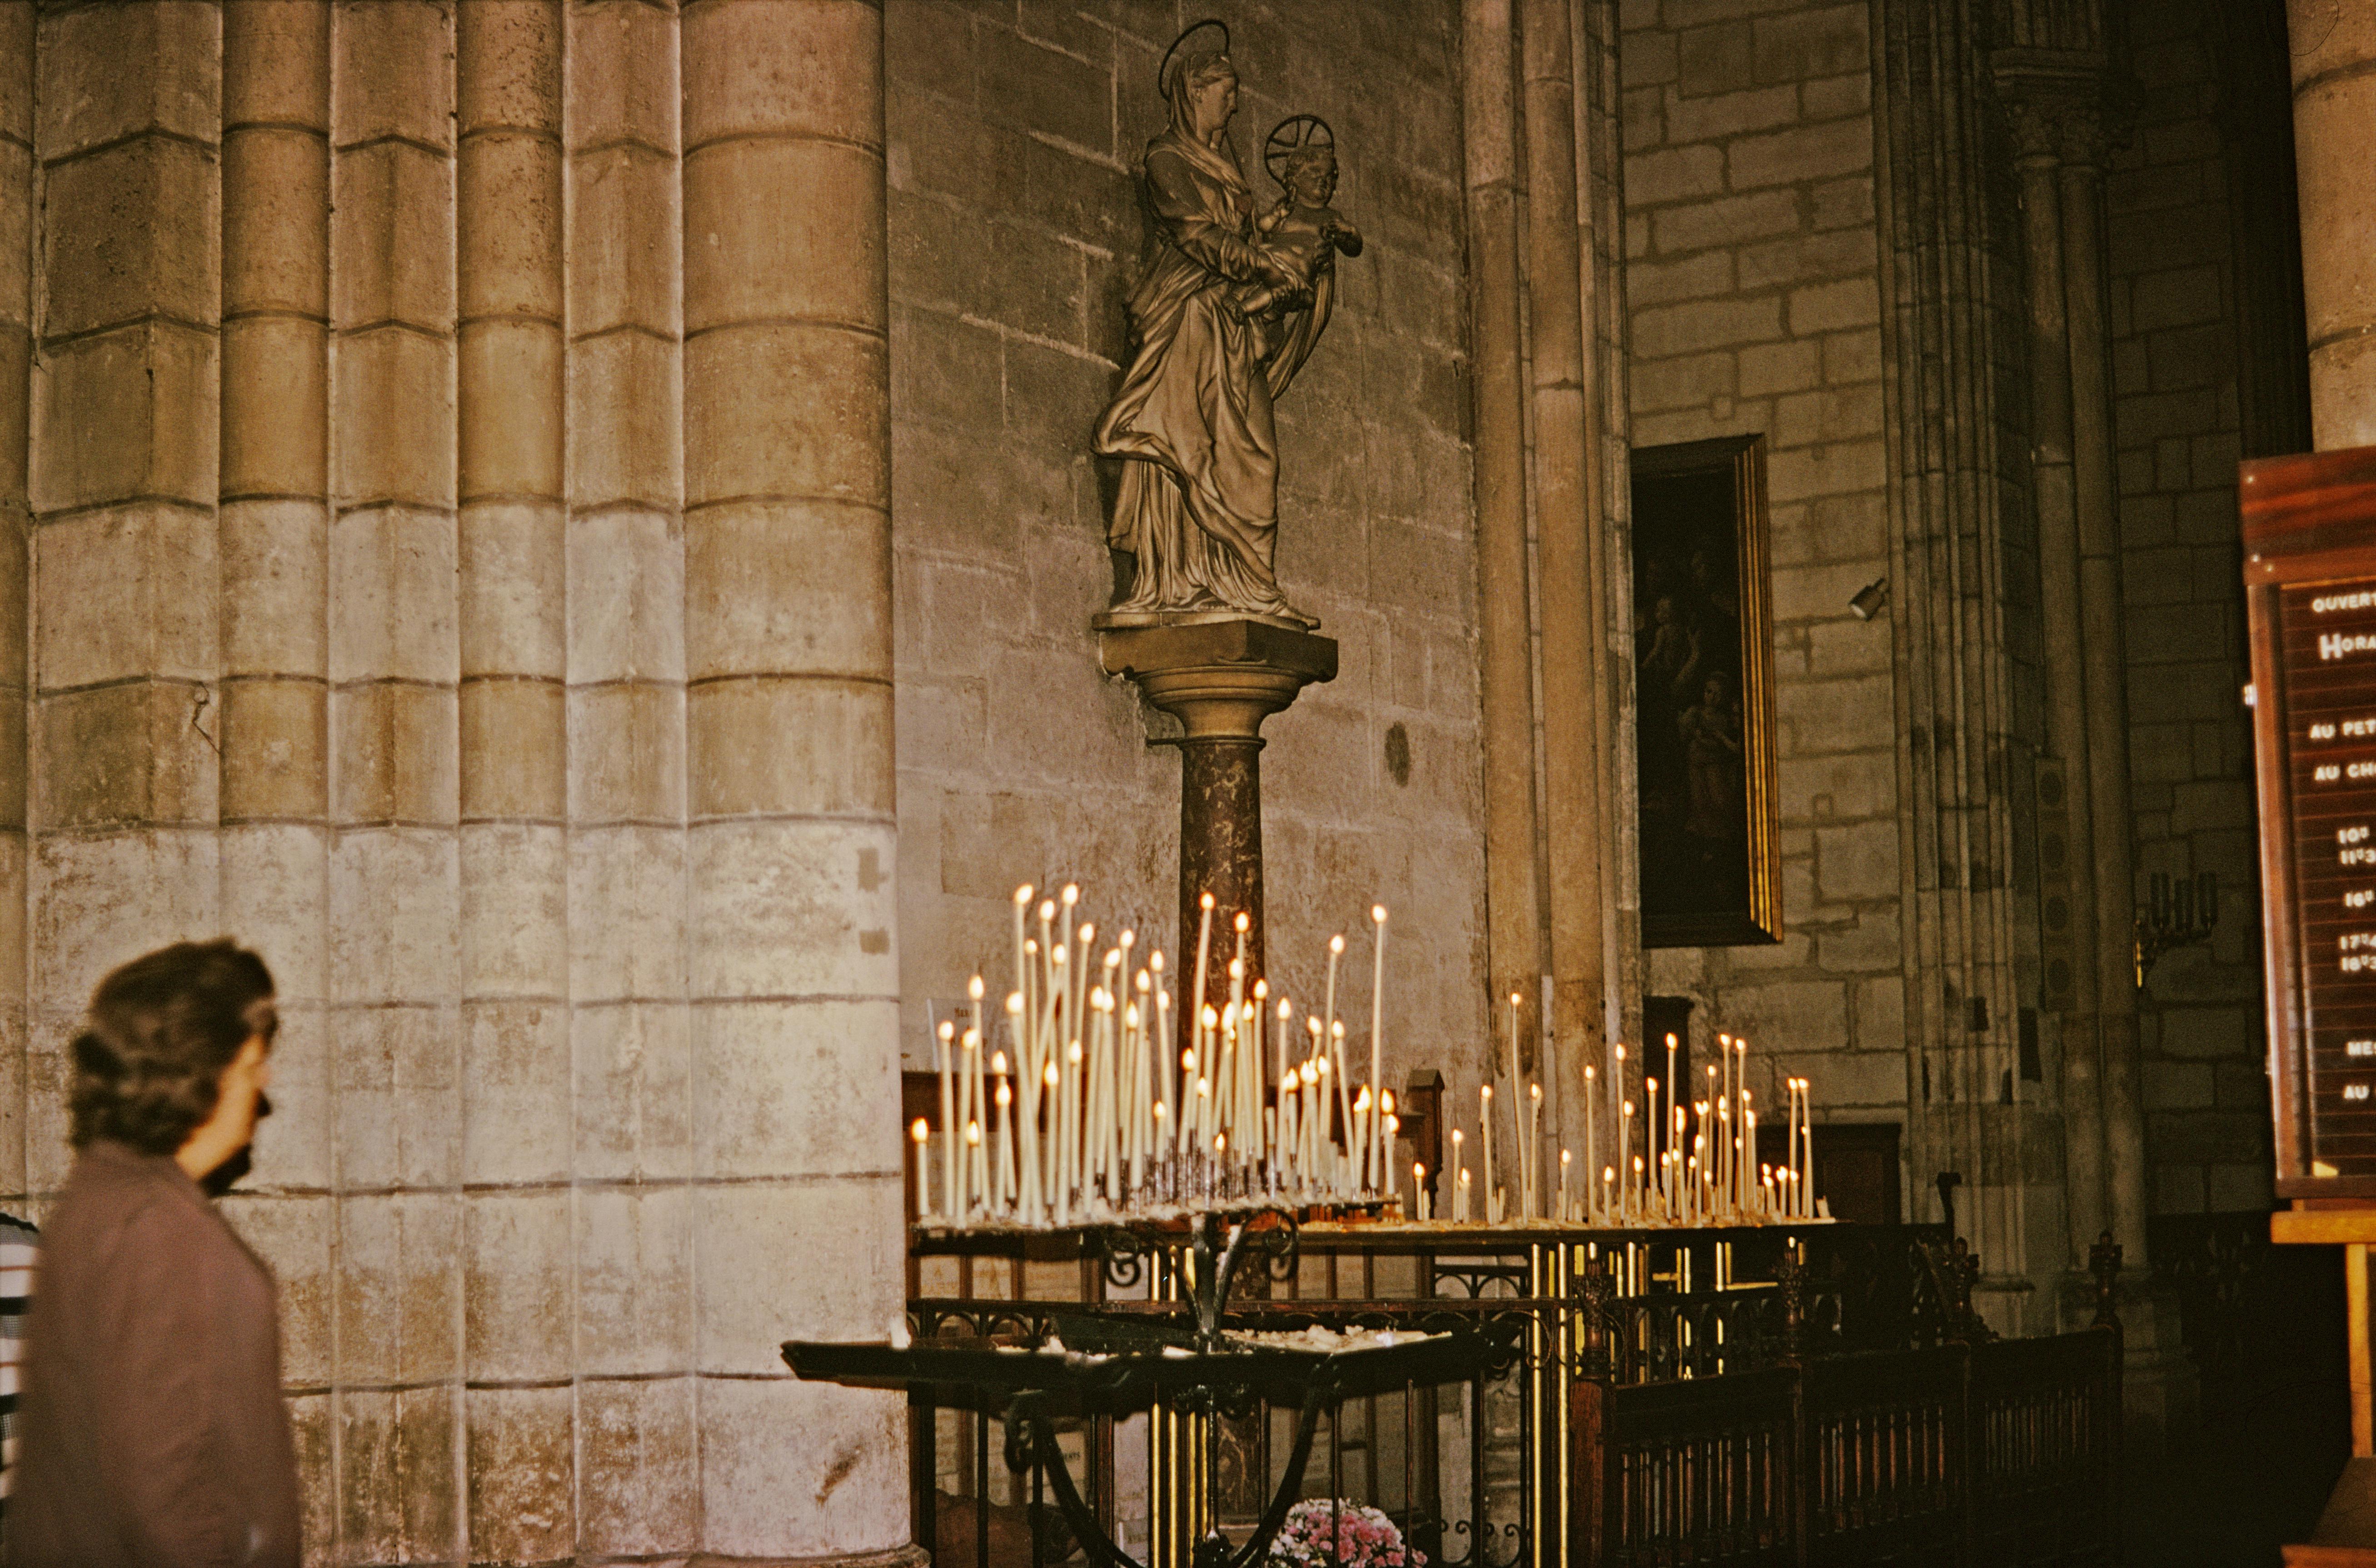 Candles in Notre Dame de Paris, Paris, France, 1973.